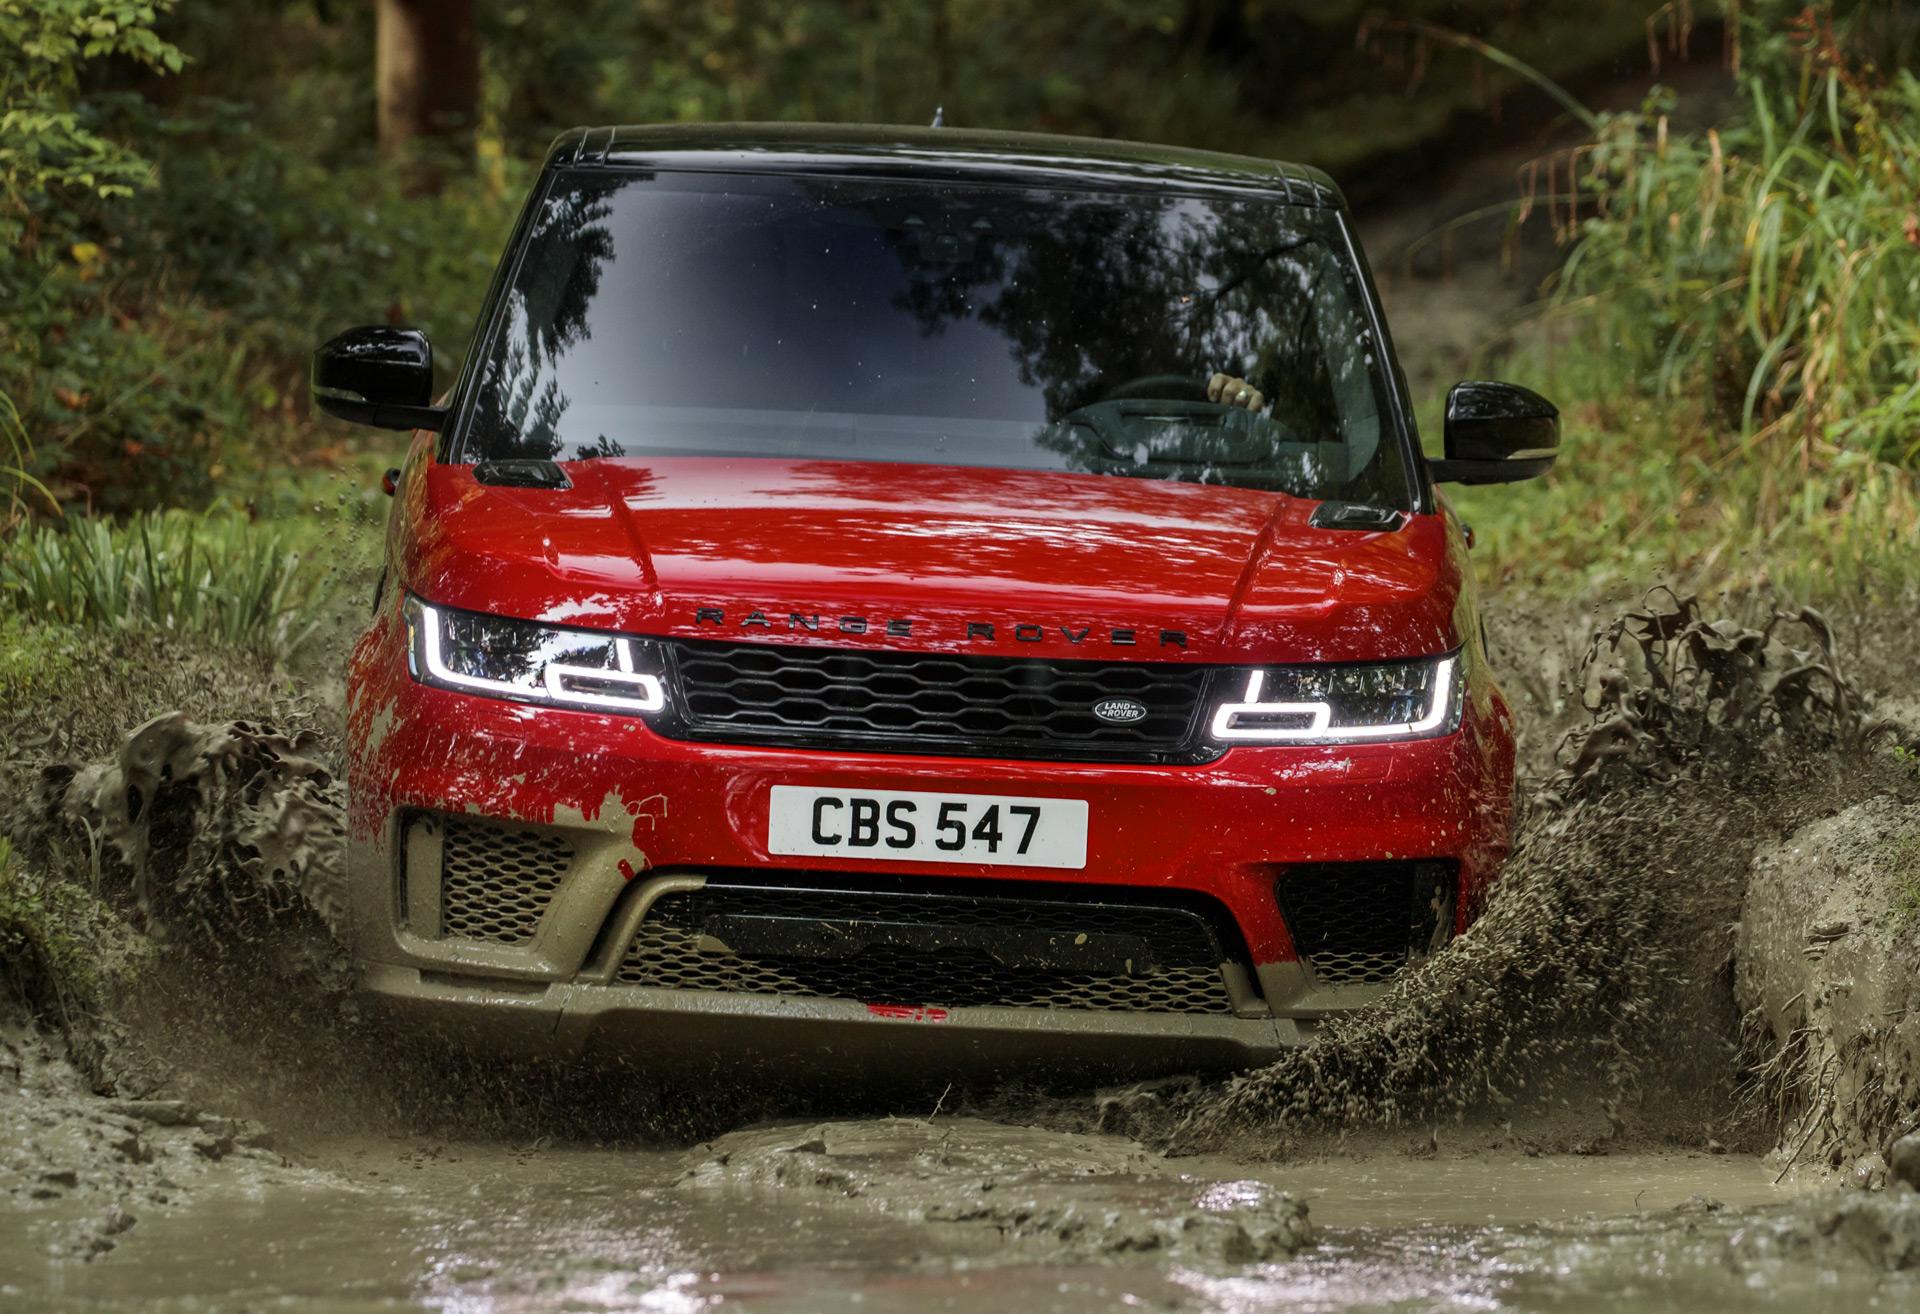 Land Rover Range Rover Sport News Breaking News s